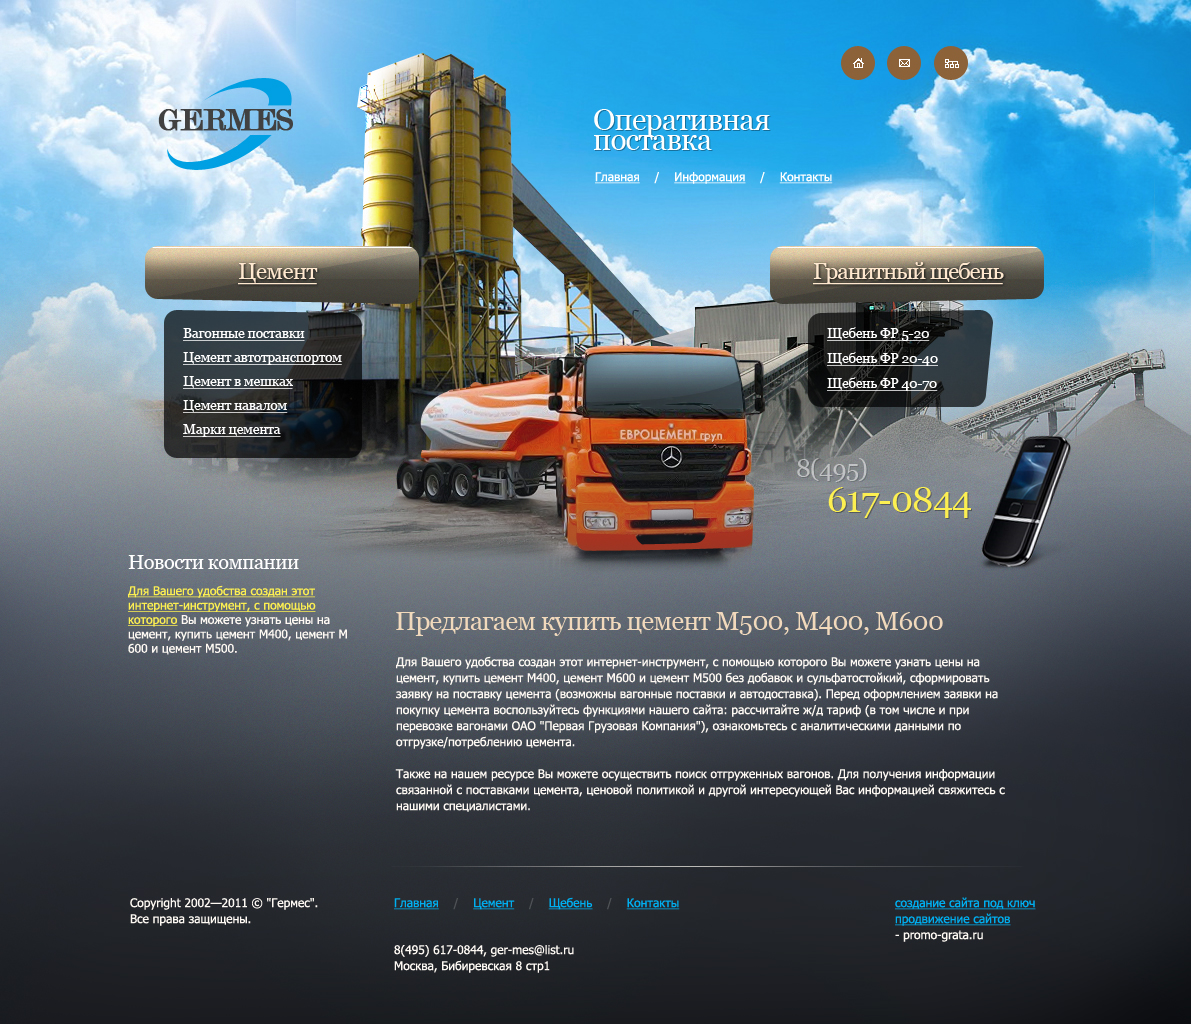 Строительная компания - Germes - доставка цемента